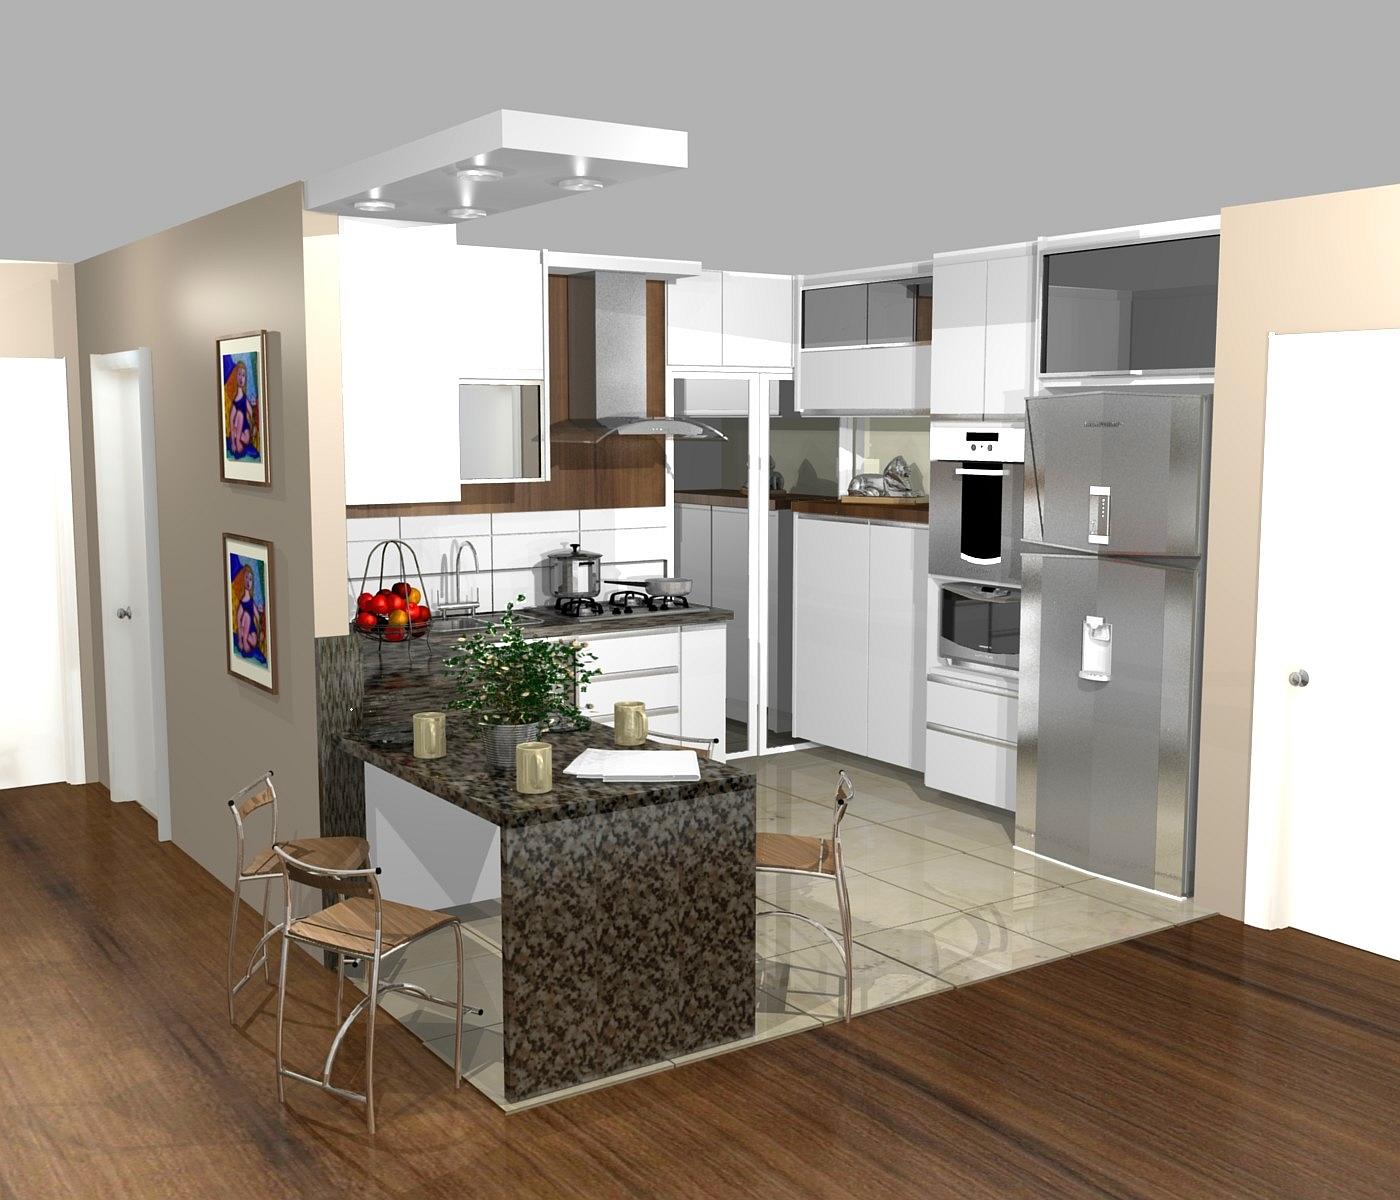 #24296E Ideias de Decoração de Casas e Interiores 1400x1200 px Bancada De Cozinha Americana Decorada #1353 imagens